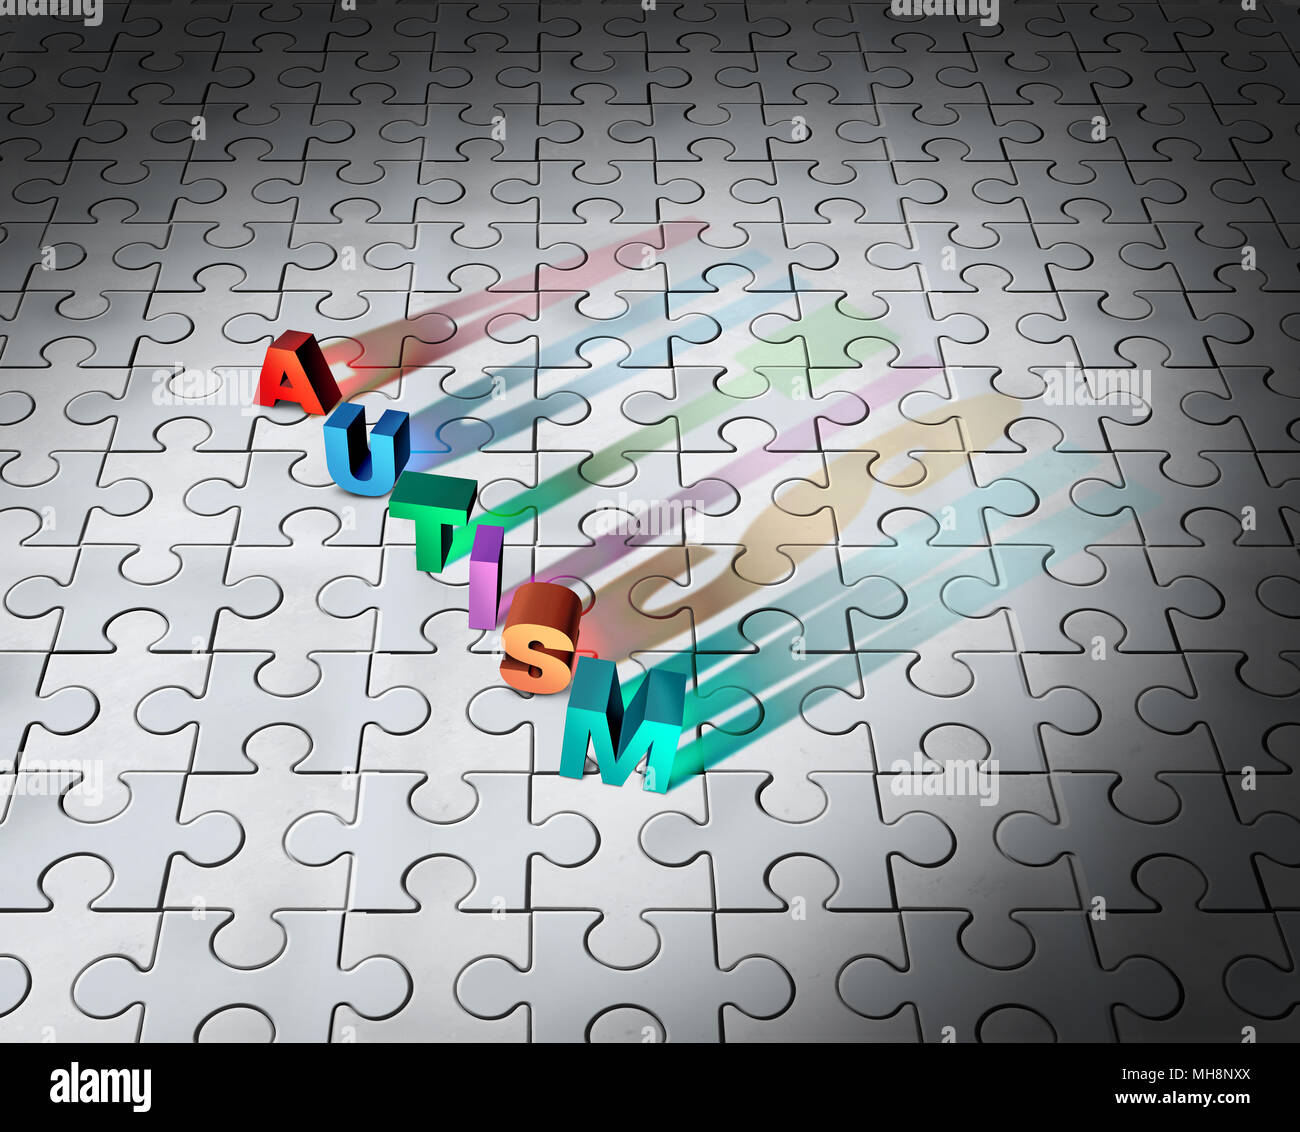 Puzzle de autismo infantil y el trastorno del desarrollo jigsaw fondo abstracto como un símbolo de la conciencia como autista ilustración 3D. Imagen De Stock